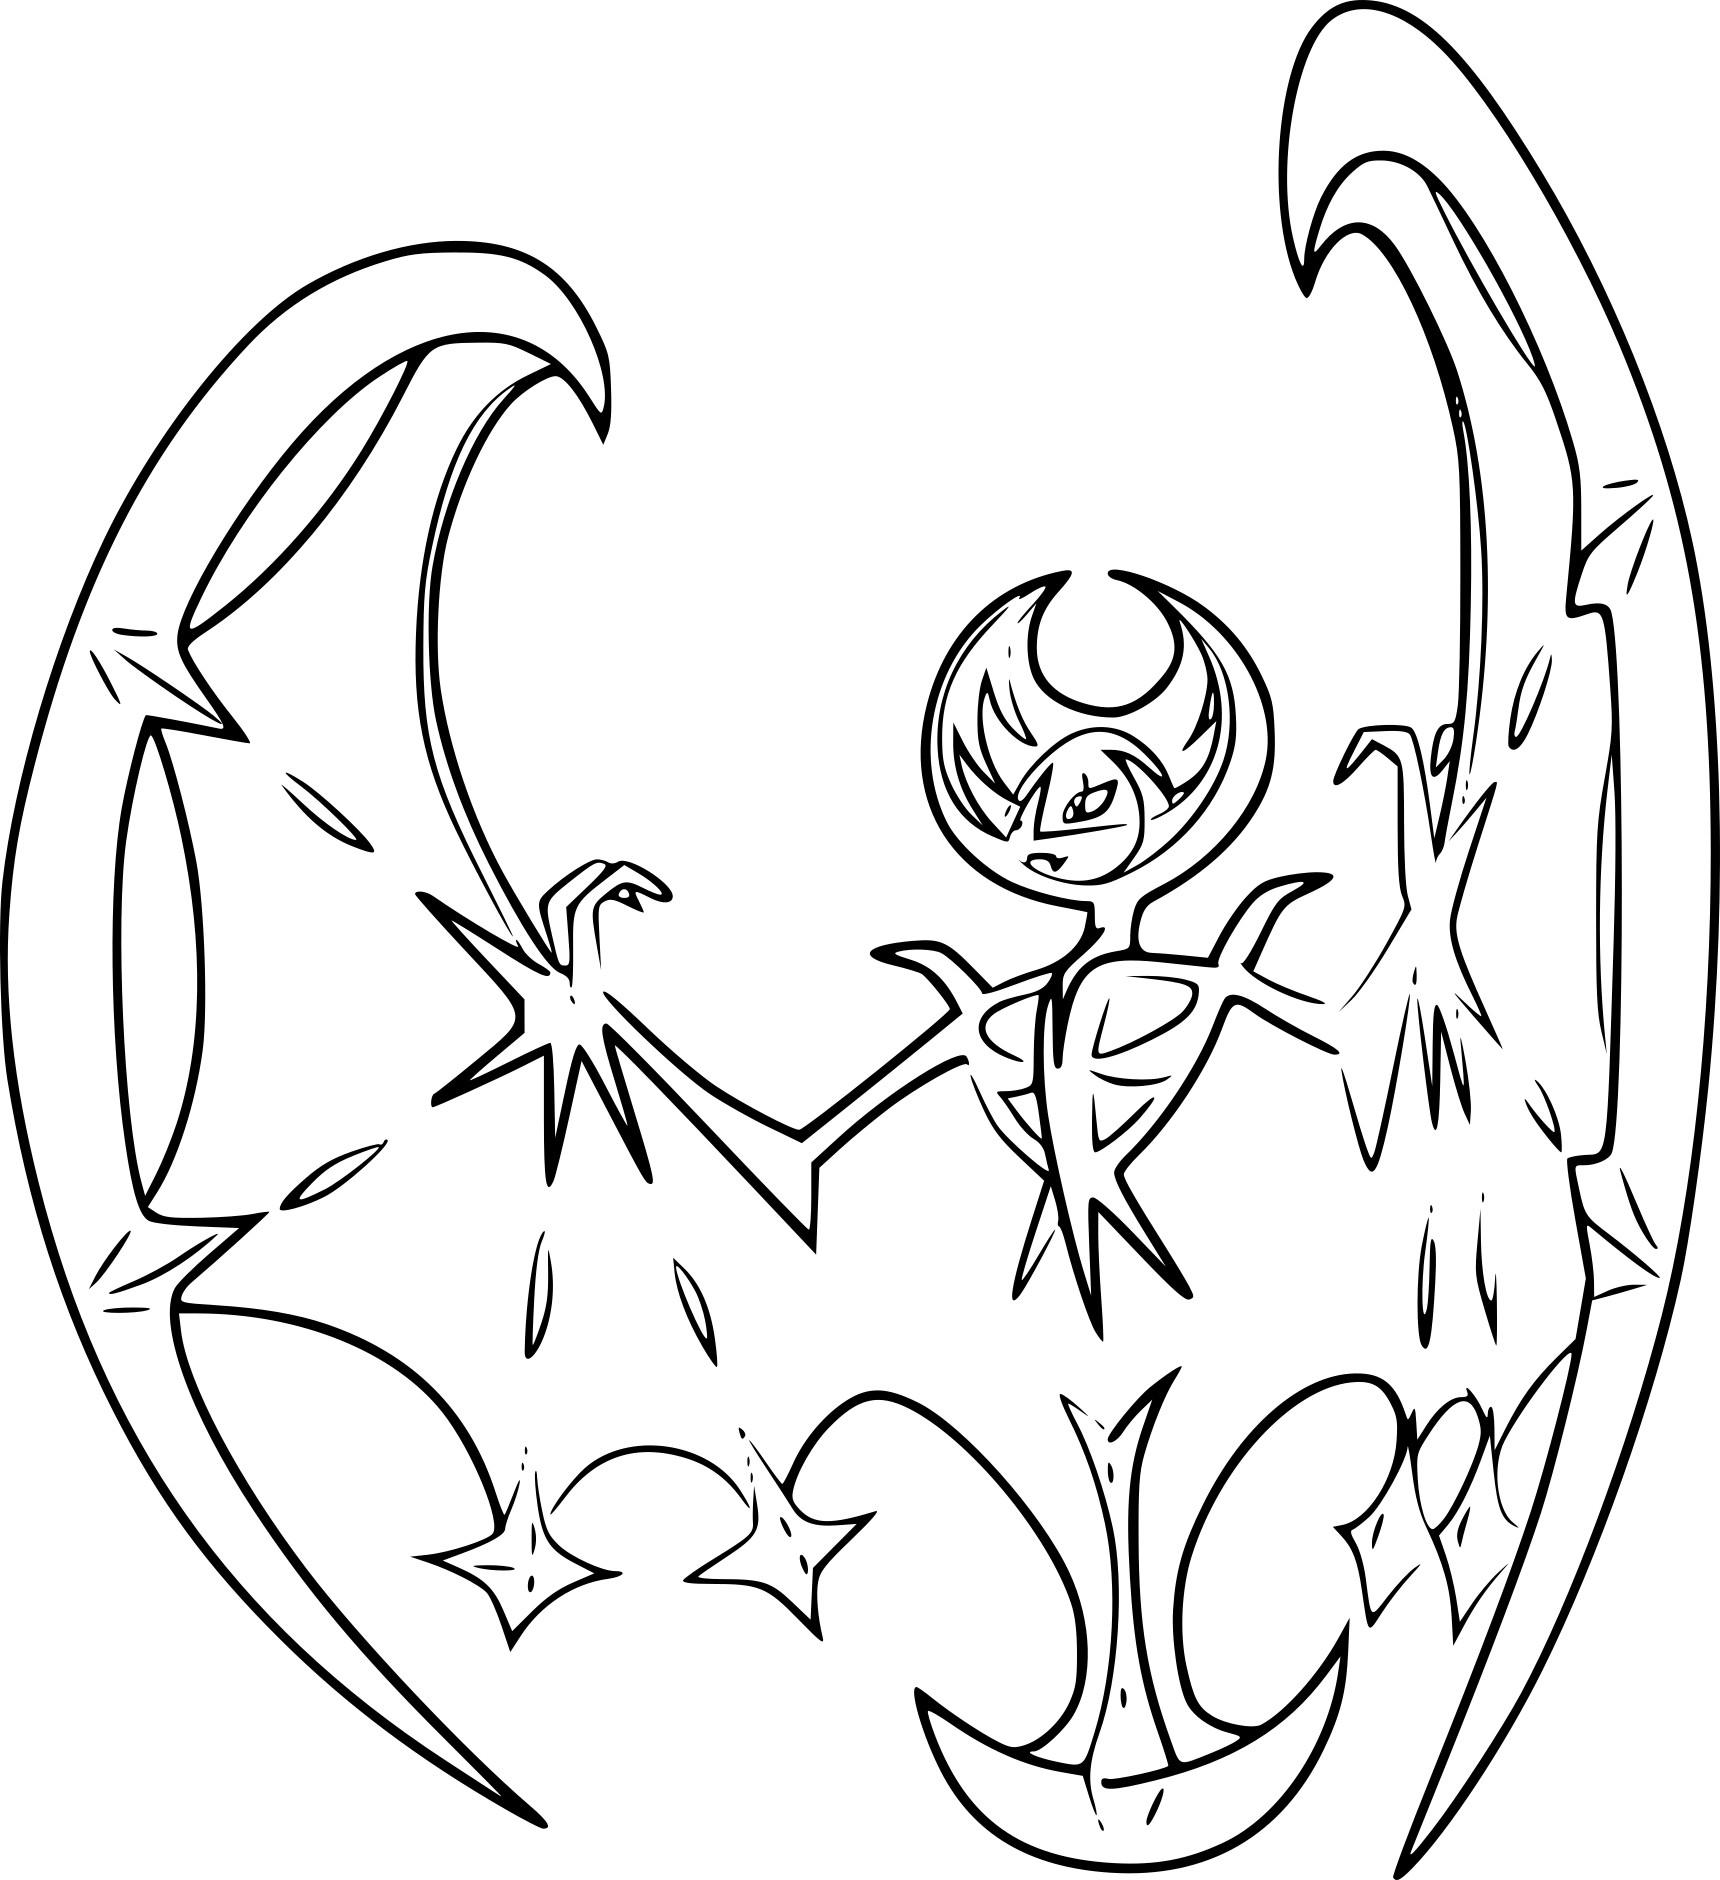 Coloriage Lunala Pokemon À Imprimer tout Coloriage De Pokémon Gratuit